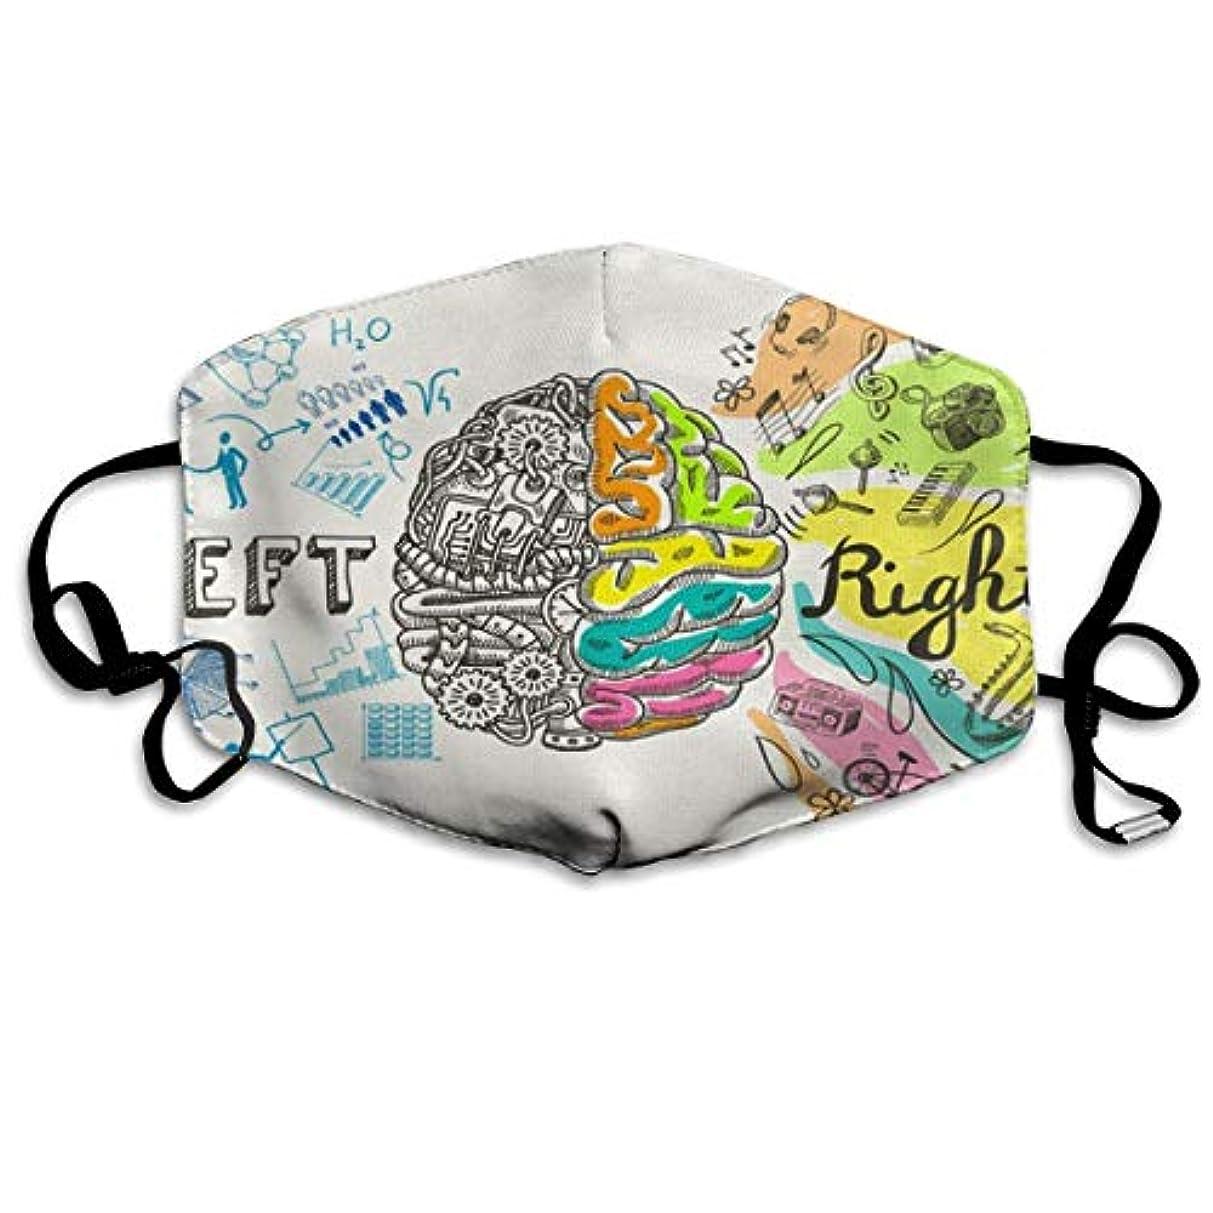 壊れた保証数字Emoti レディースメンズキッズのための脳の左と右の分析クリエイティブ半球スケッチ落書きハンド再利用可能な綿の口のマスクに、ファッションアンチダストフェイスマスク